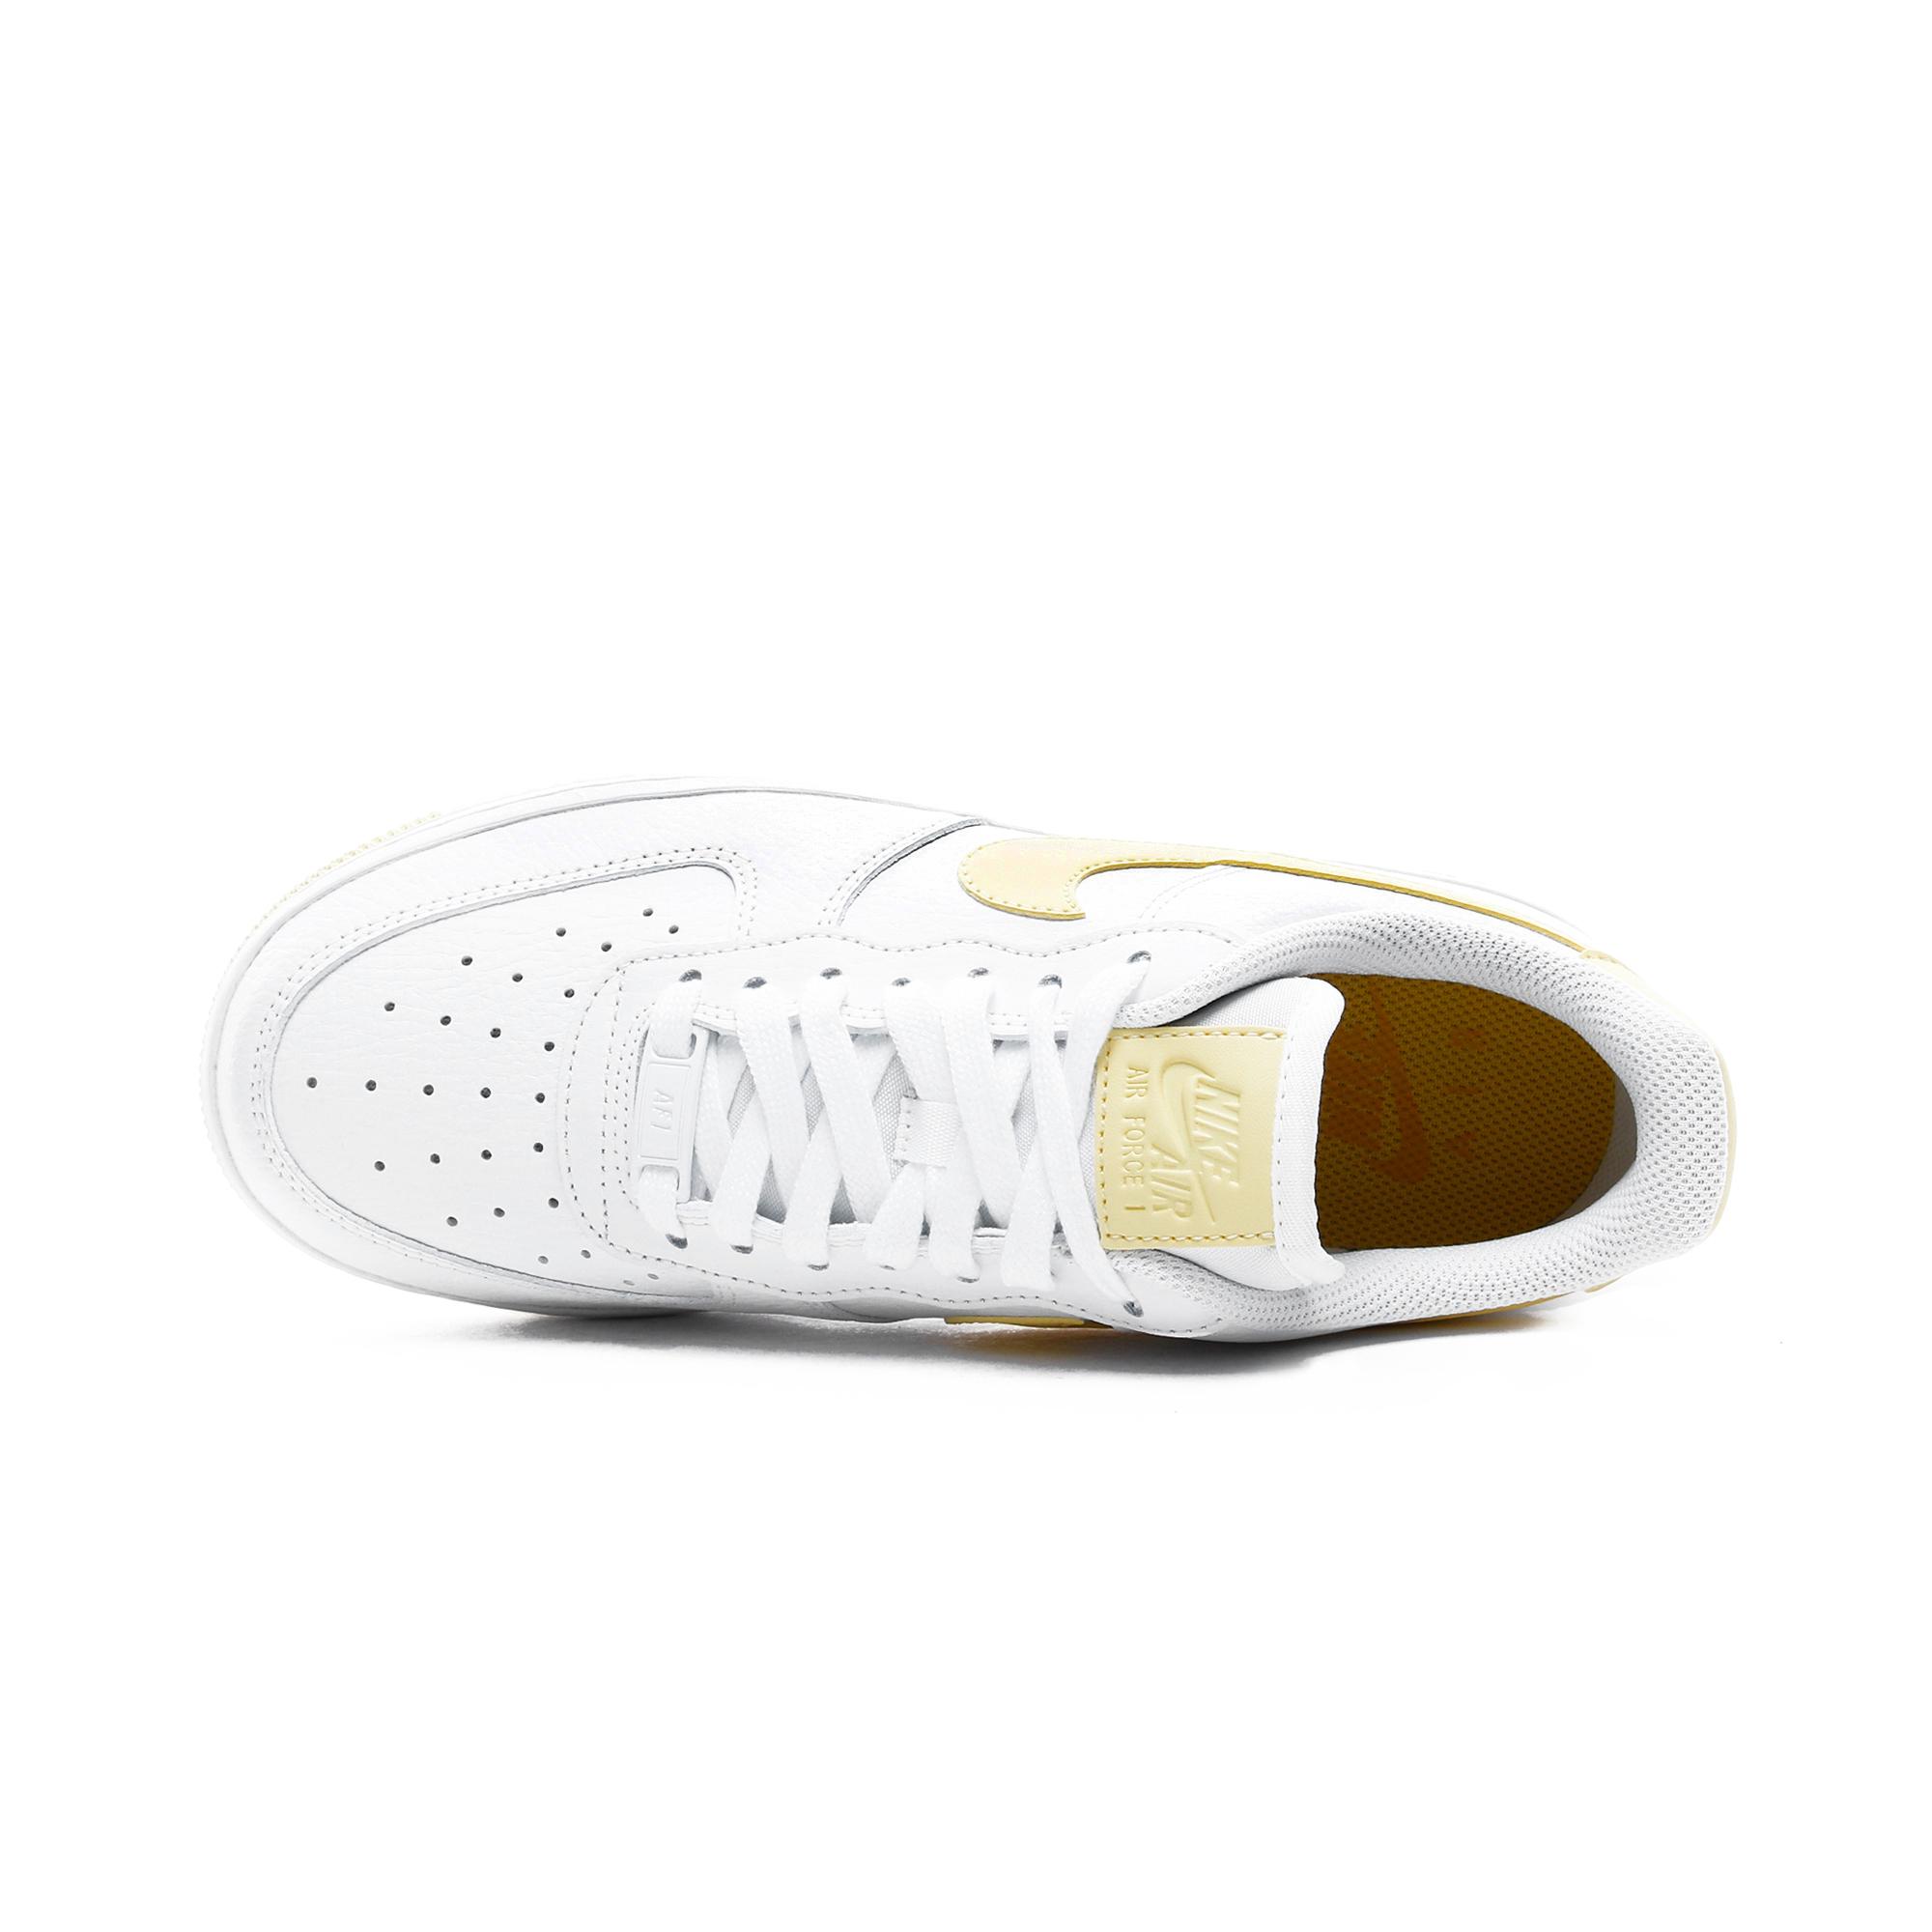 Nike Air Force 1 '07 Beyaz - Sarı Kadın Spor Ayakkabı